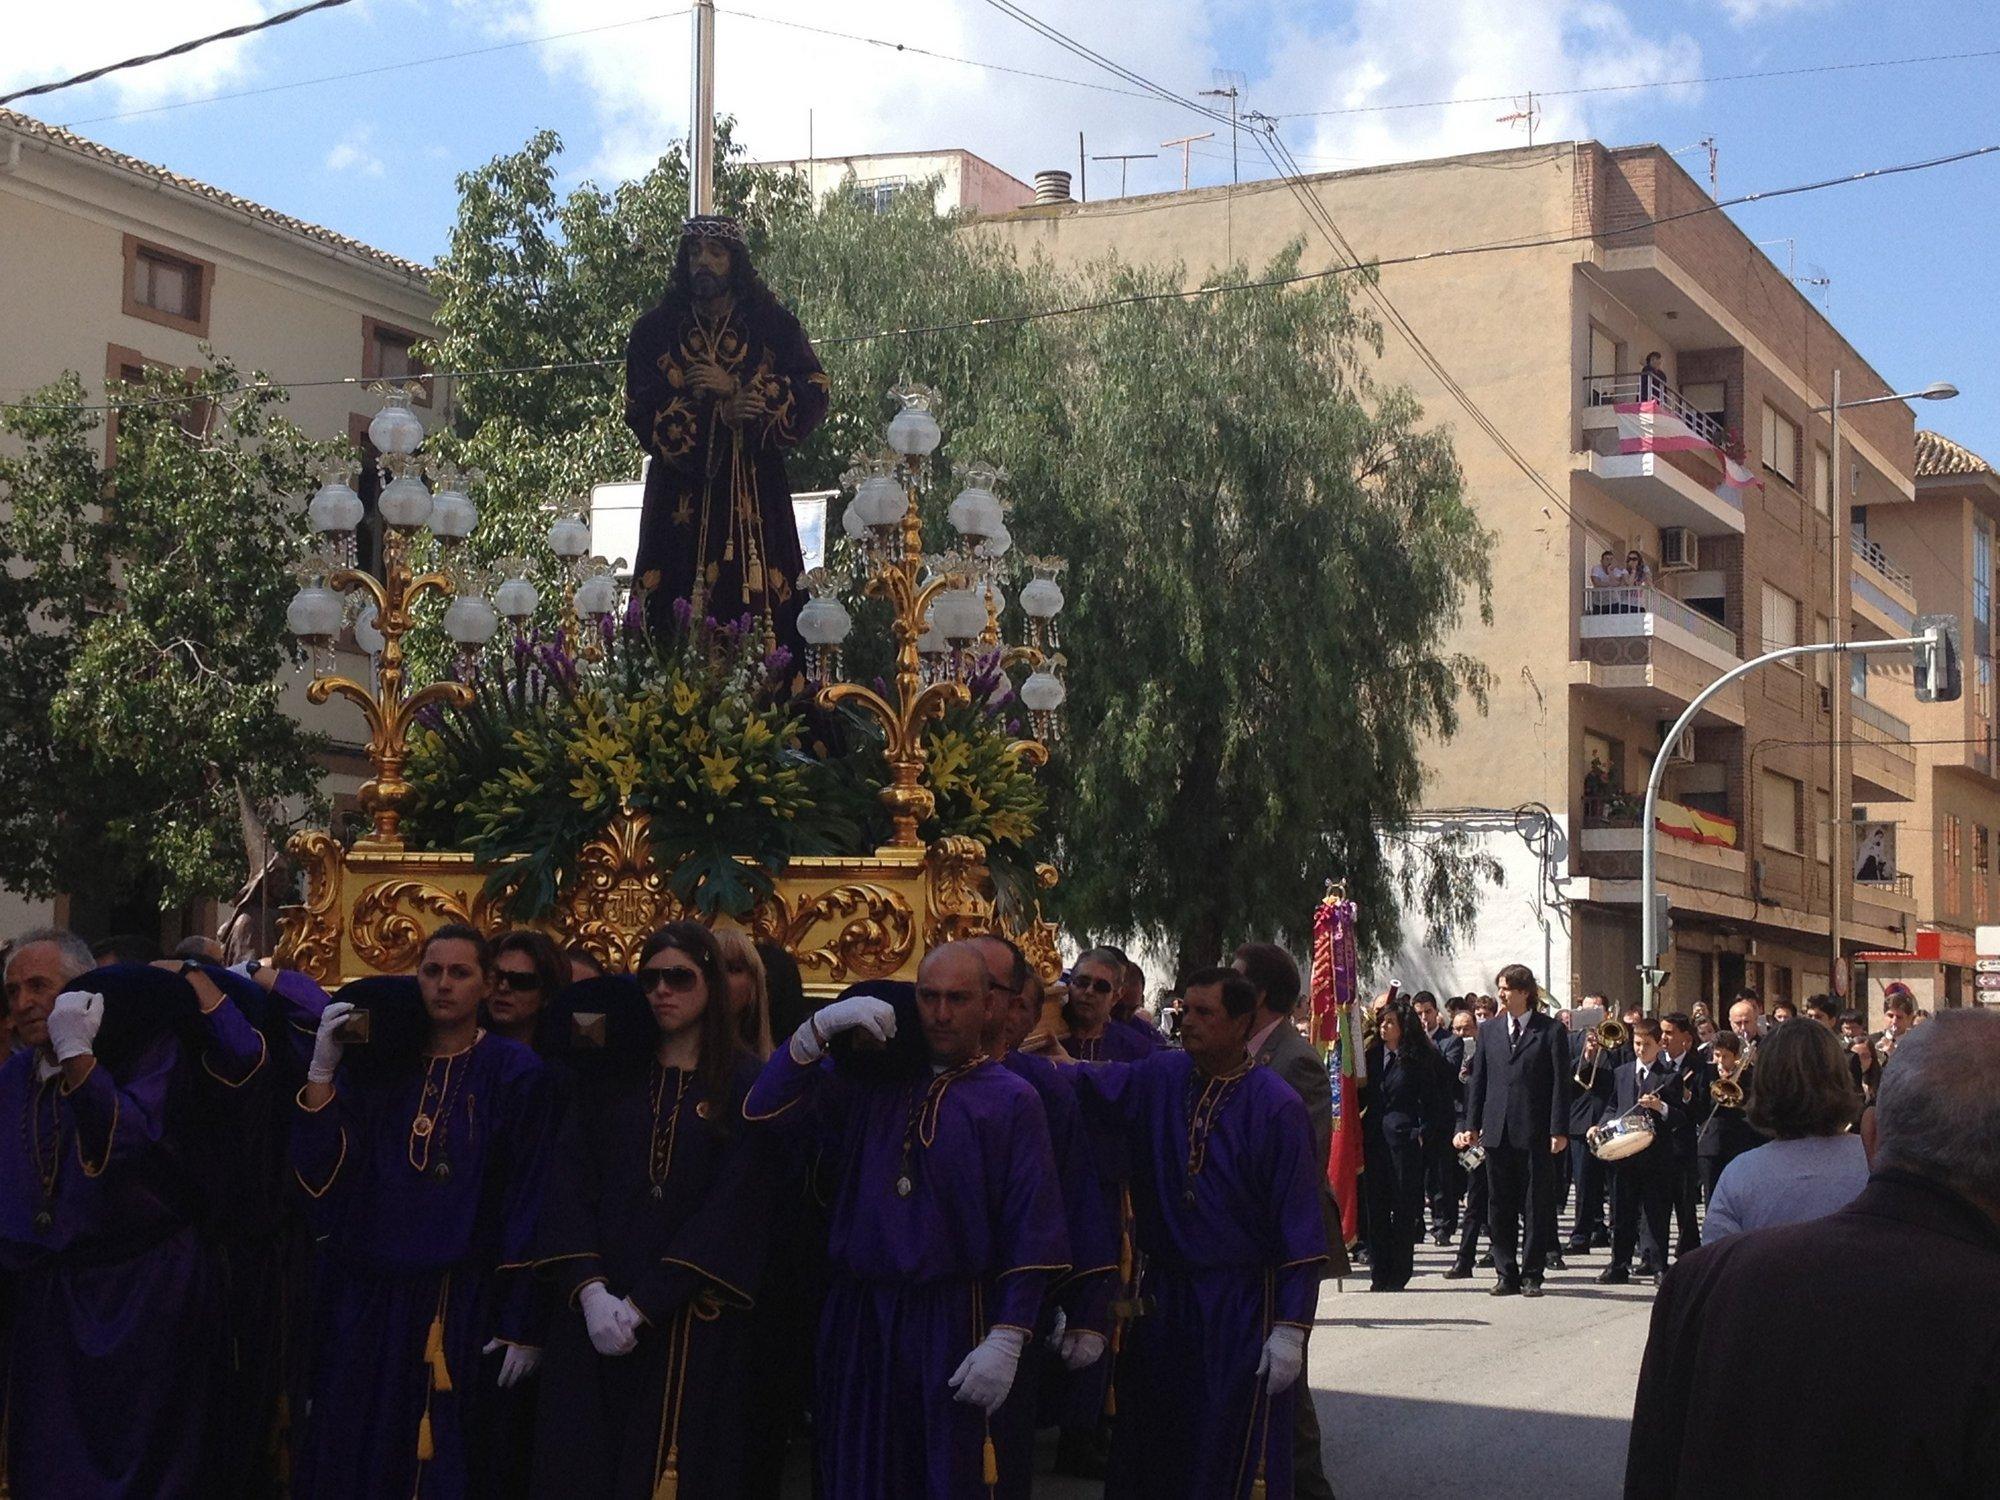 El municipio de Blanca (Murcia) celebra la tradicional puja de imágenes por la que se subastan los santos